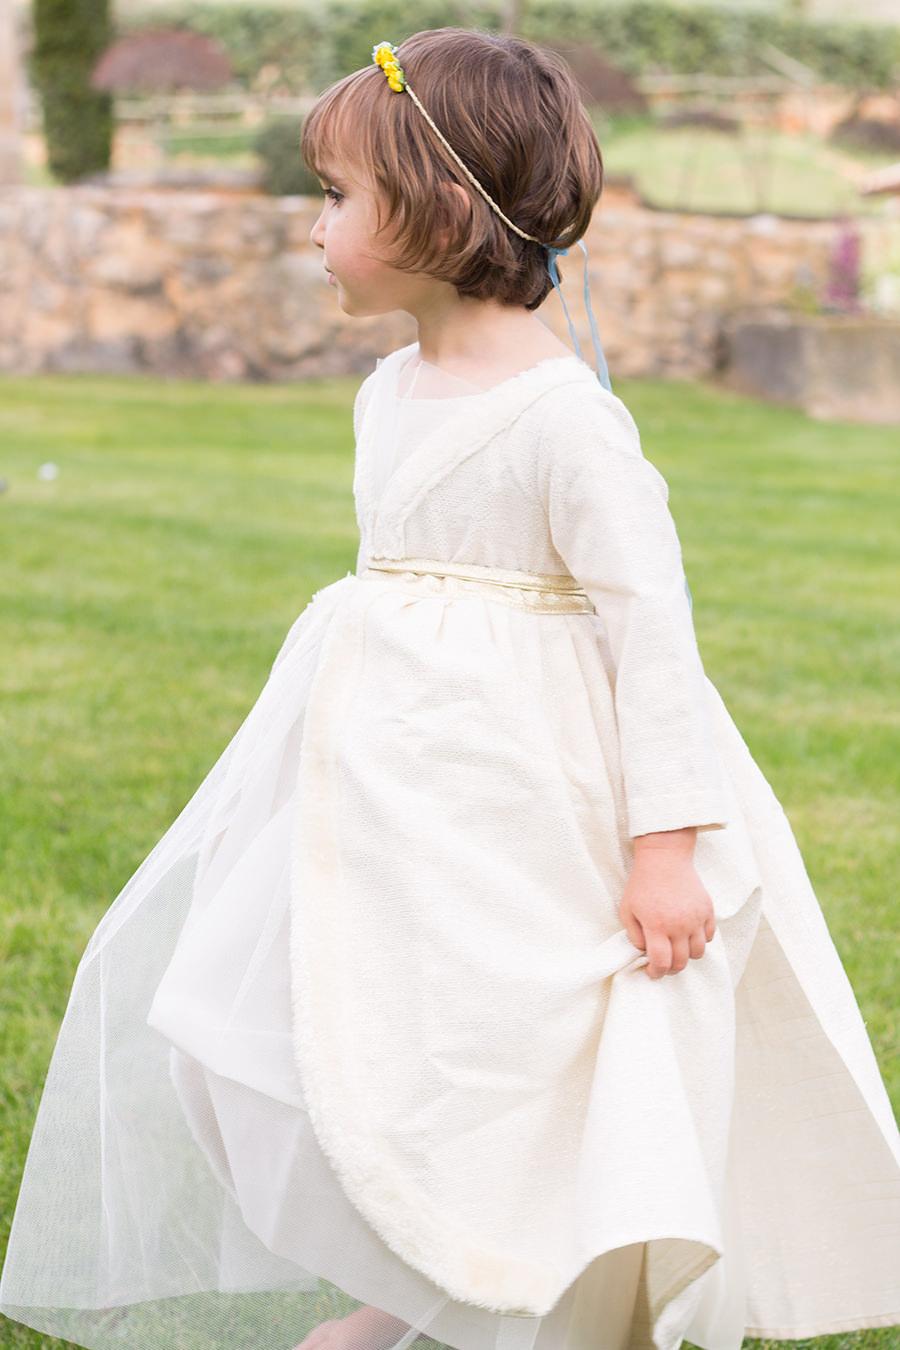 Cutamilla en familia, Elena vestida de Bel & Soph